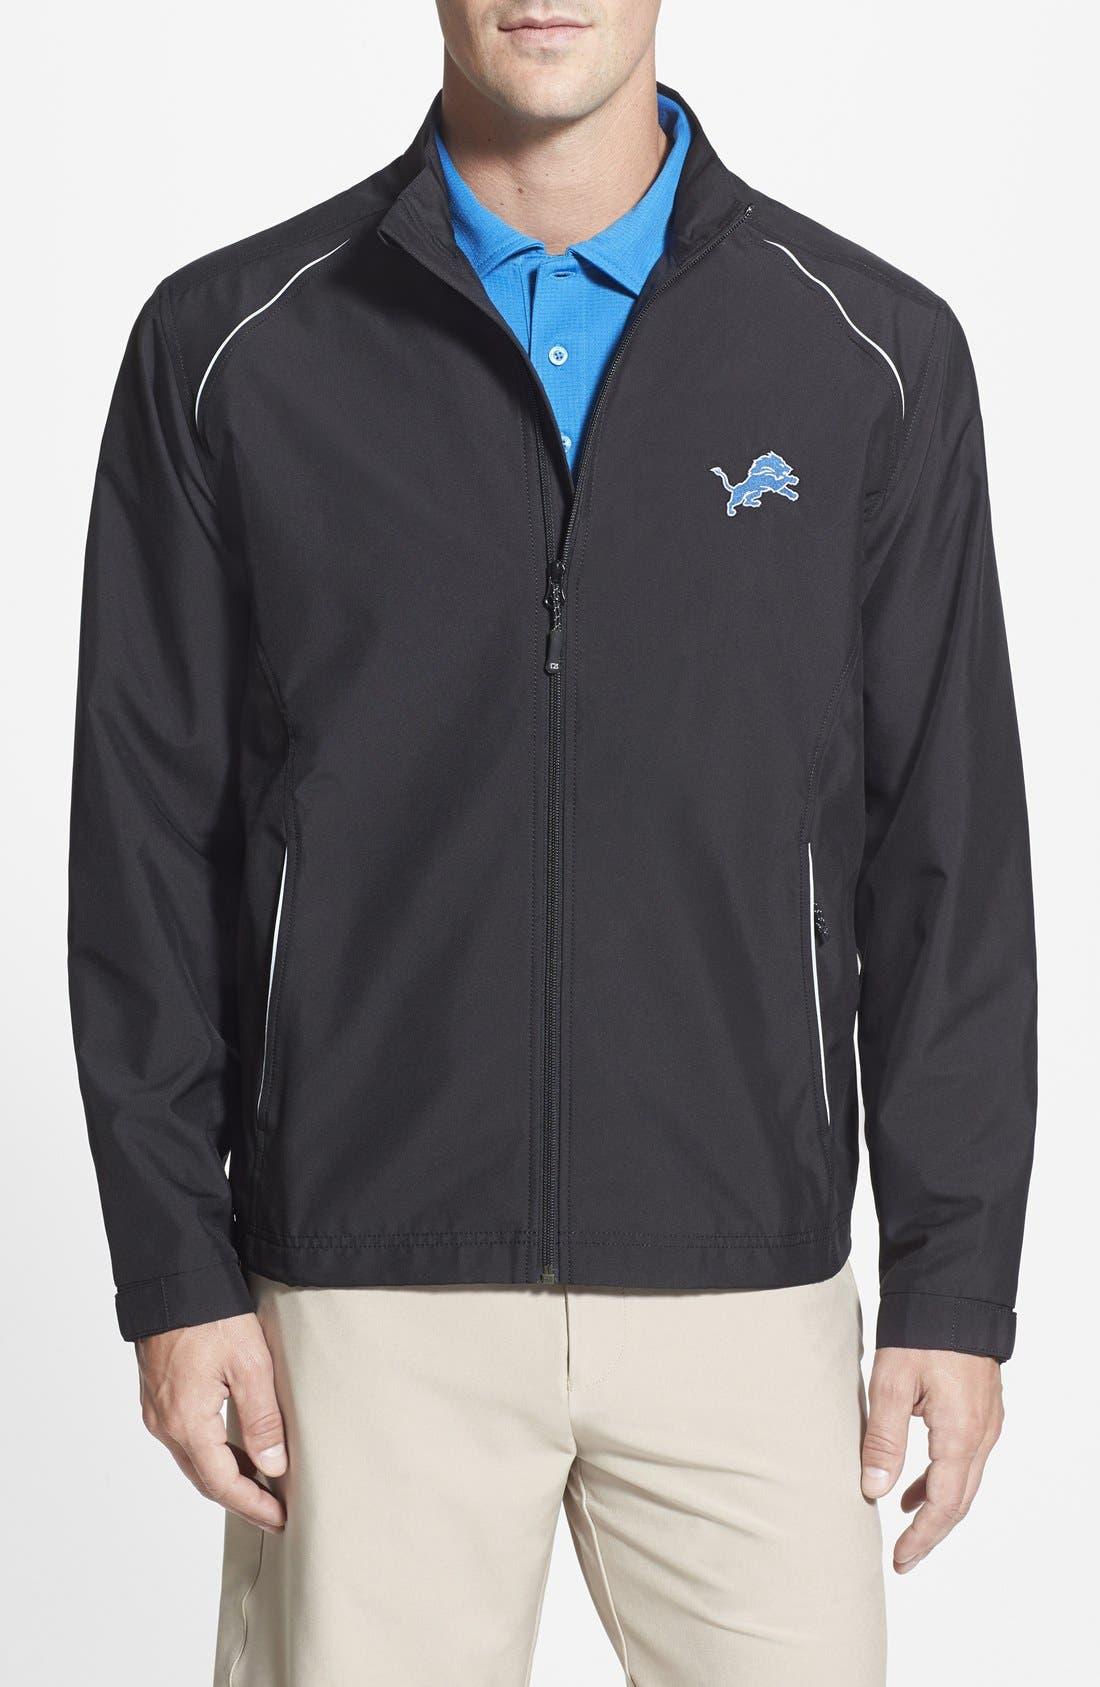 Detroit Lions - Beacon WeatherTec Wind & Water Resistant Jacket,                         Main,                         color, 001